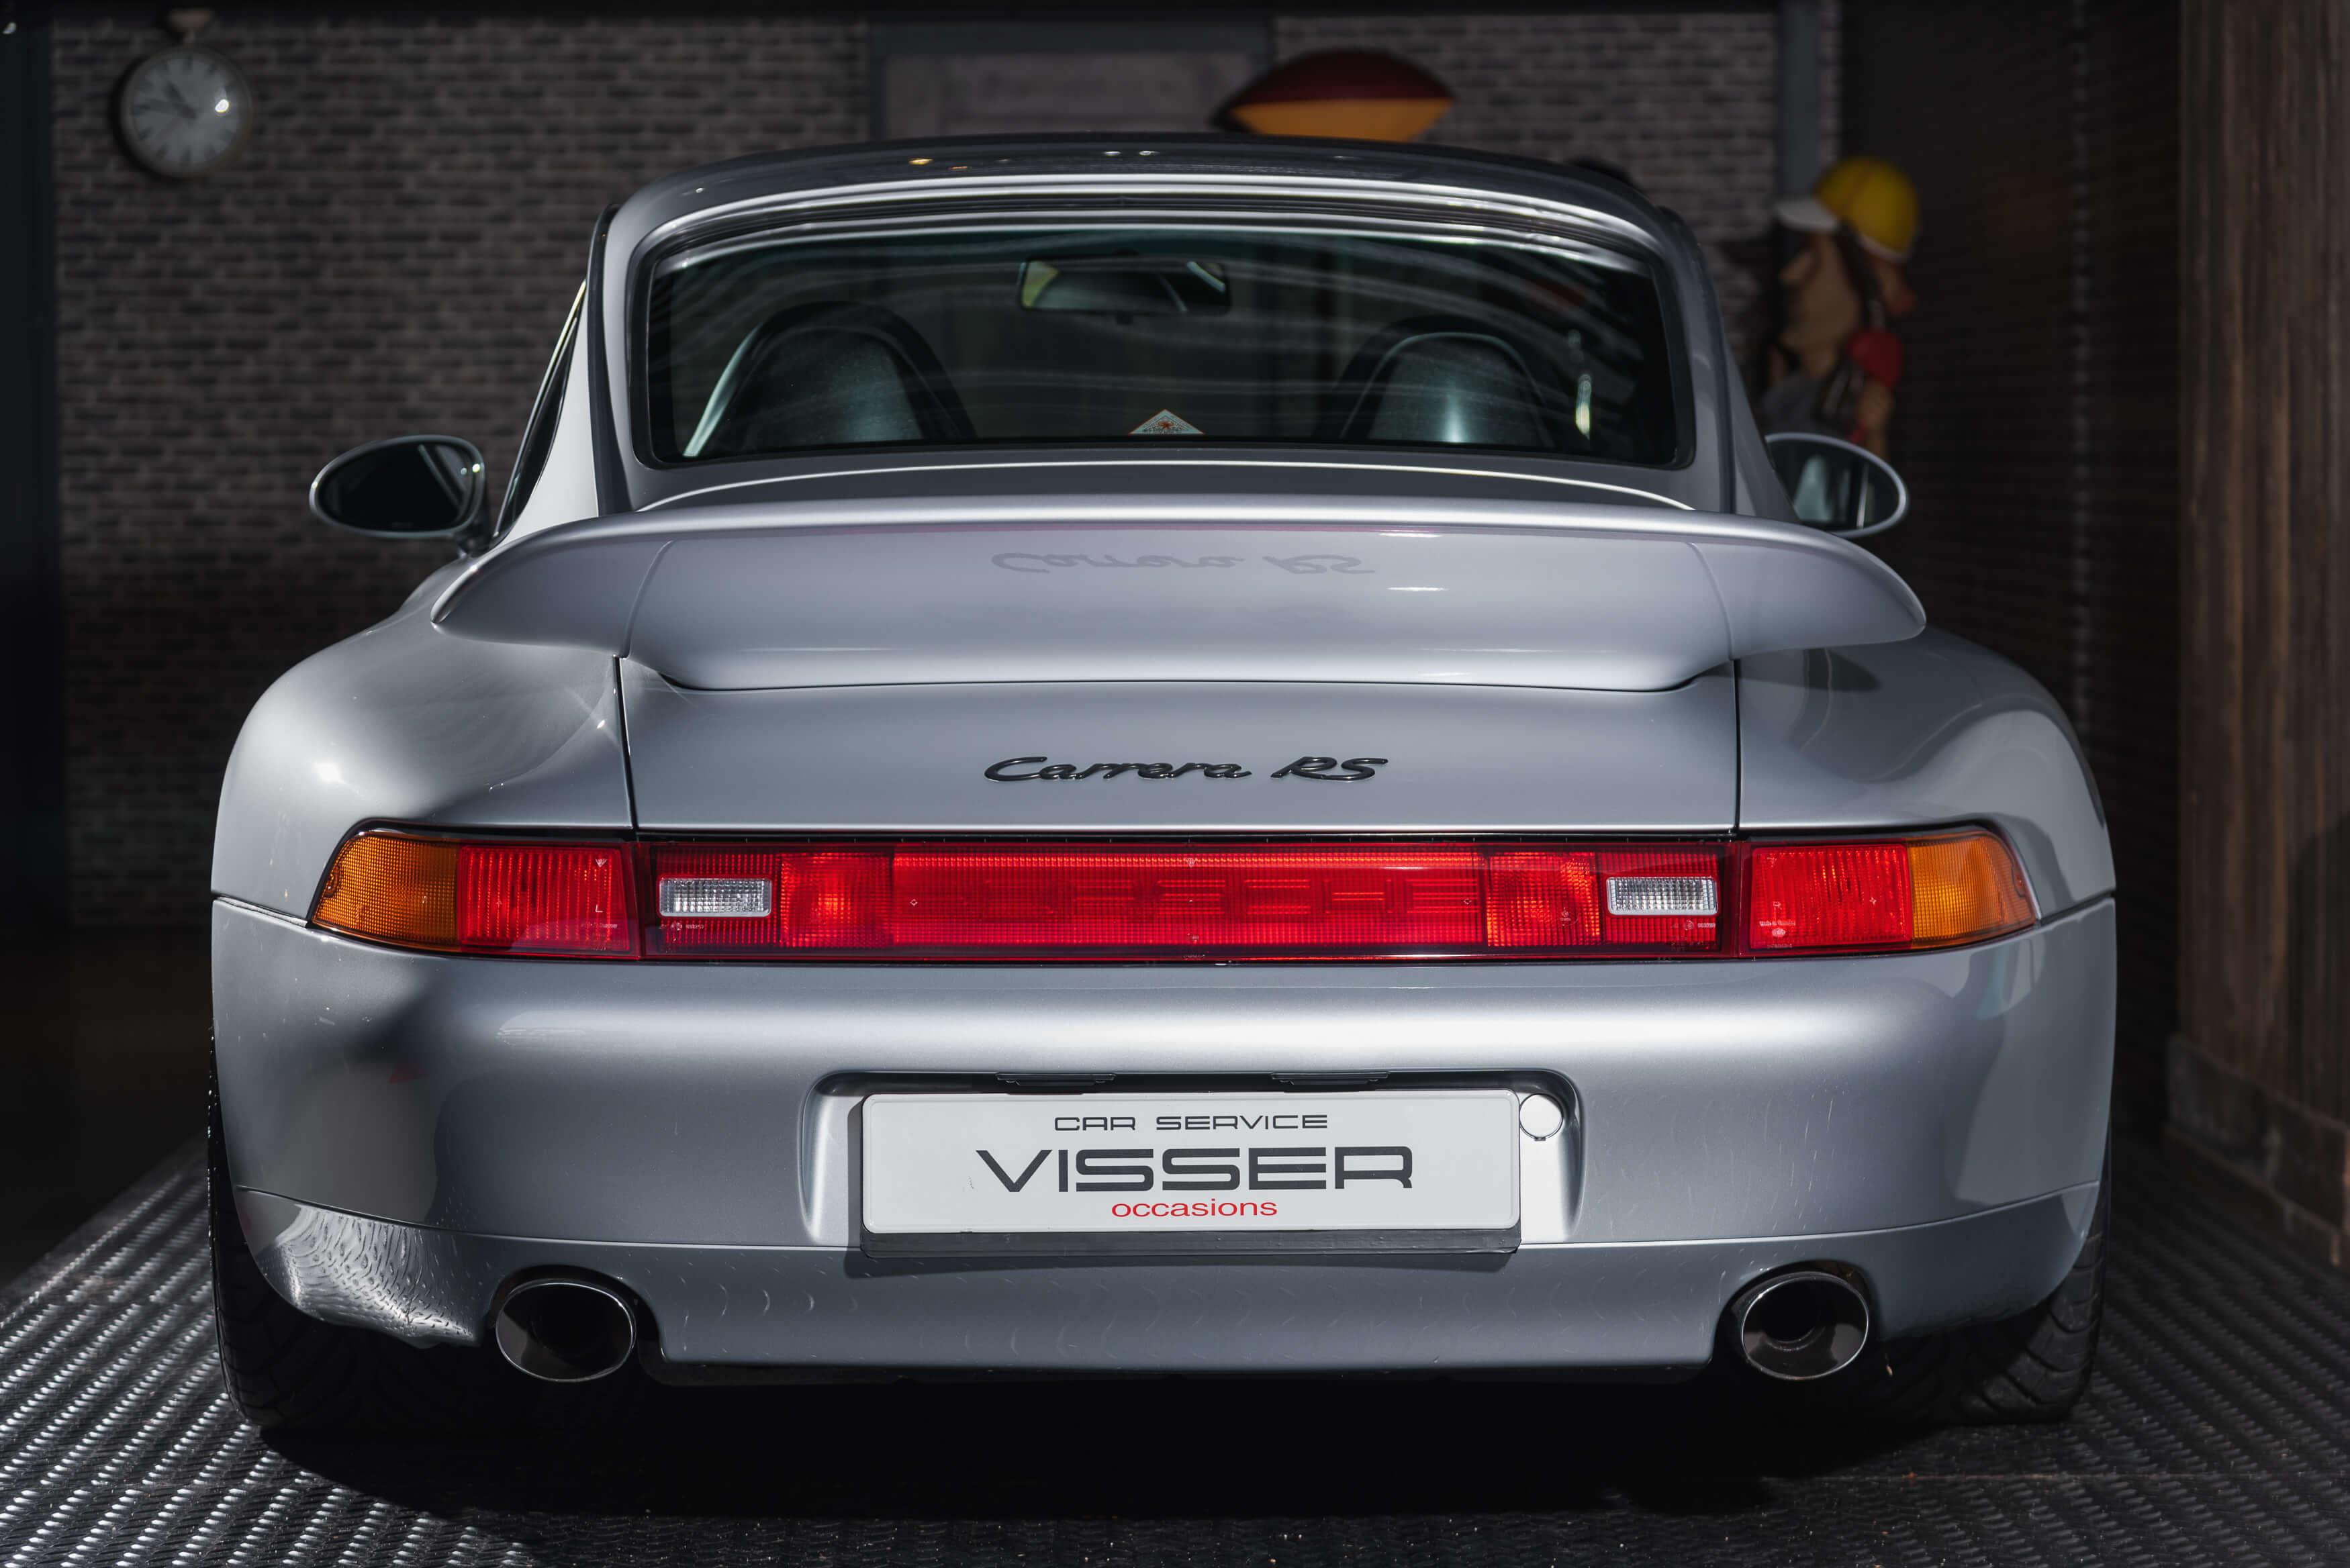 993 RS handgeschakeld Car Service Visser gespecialiseerd in Porsche - 4